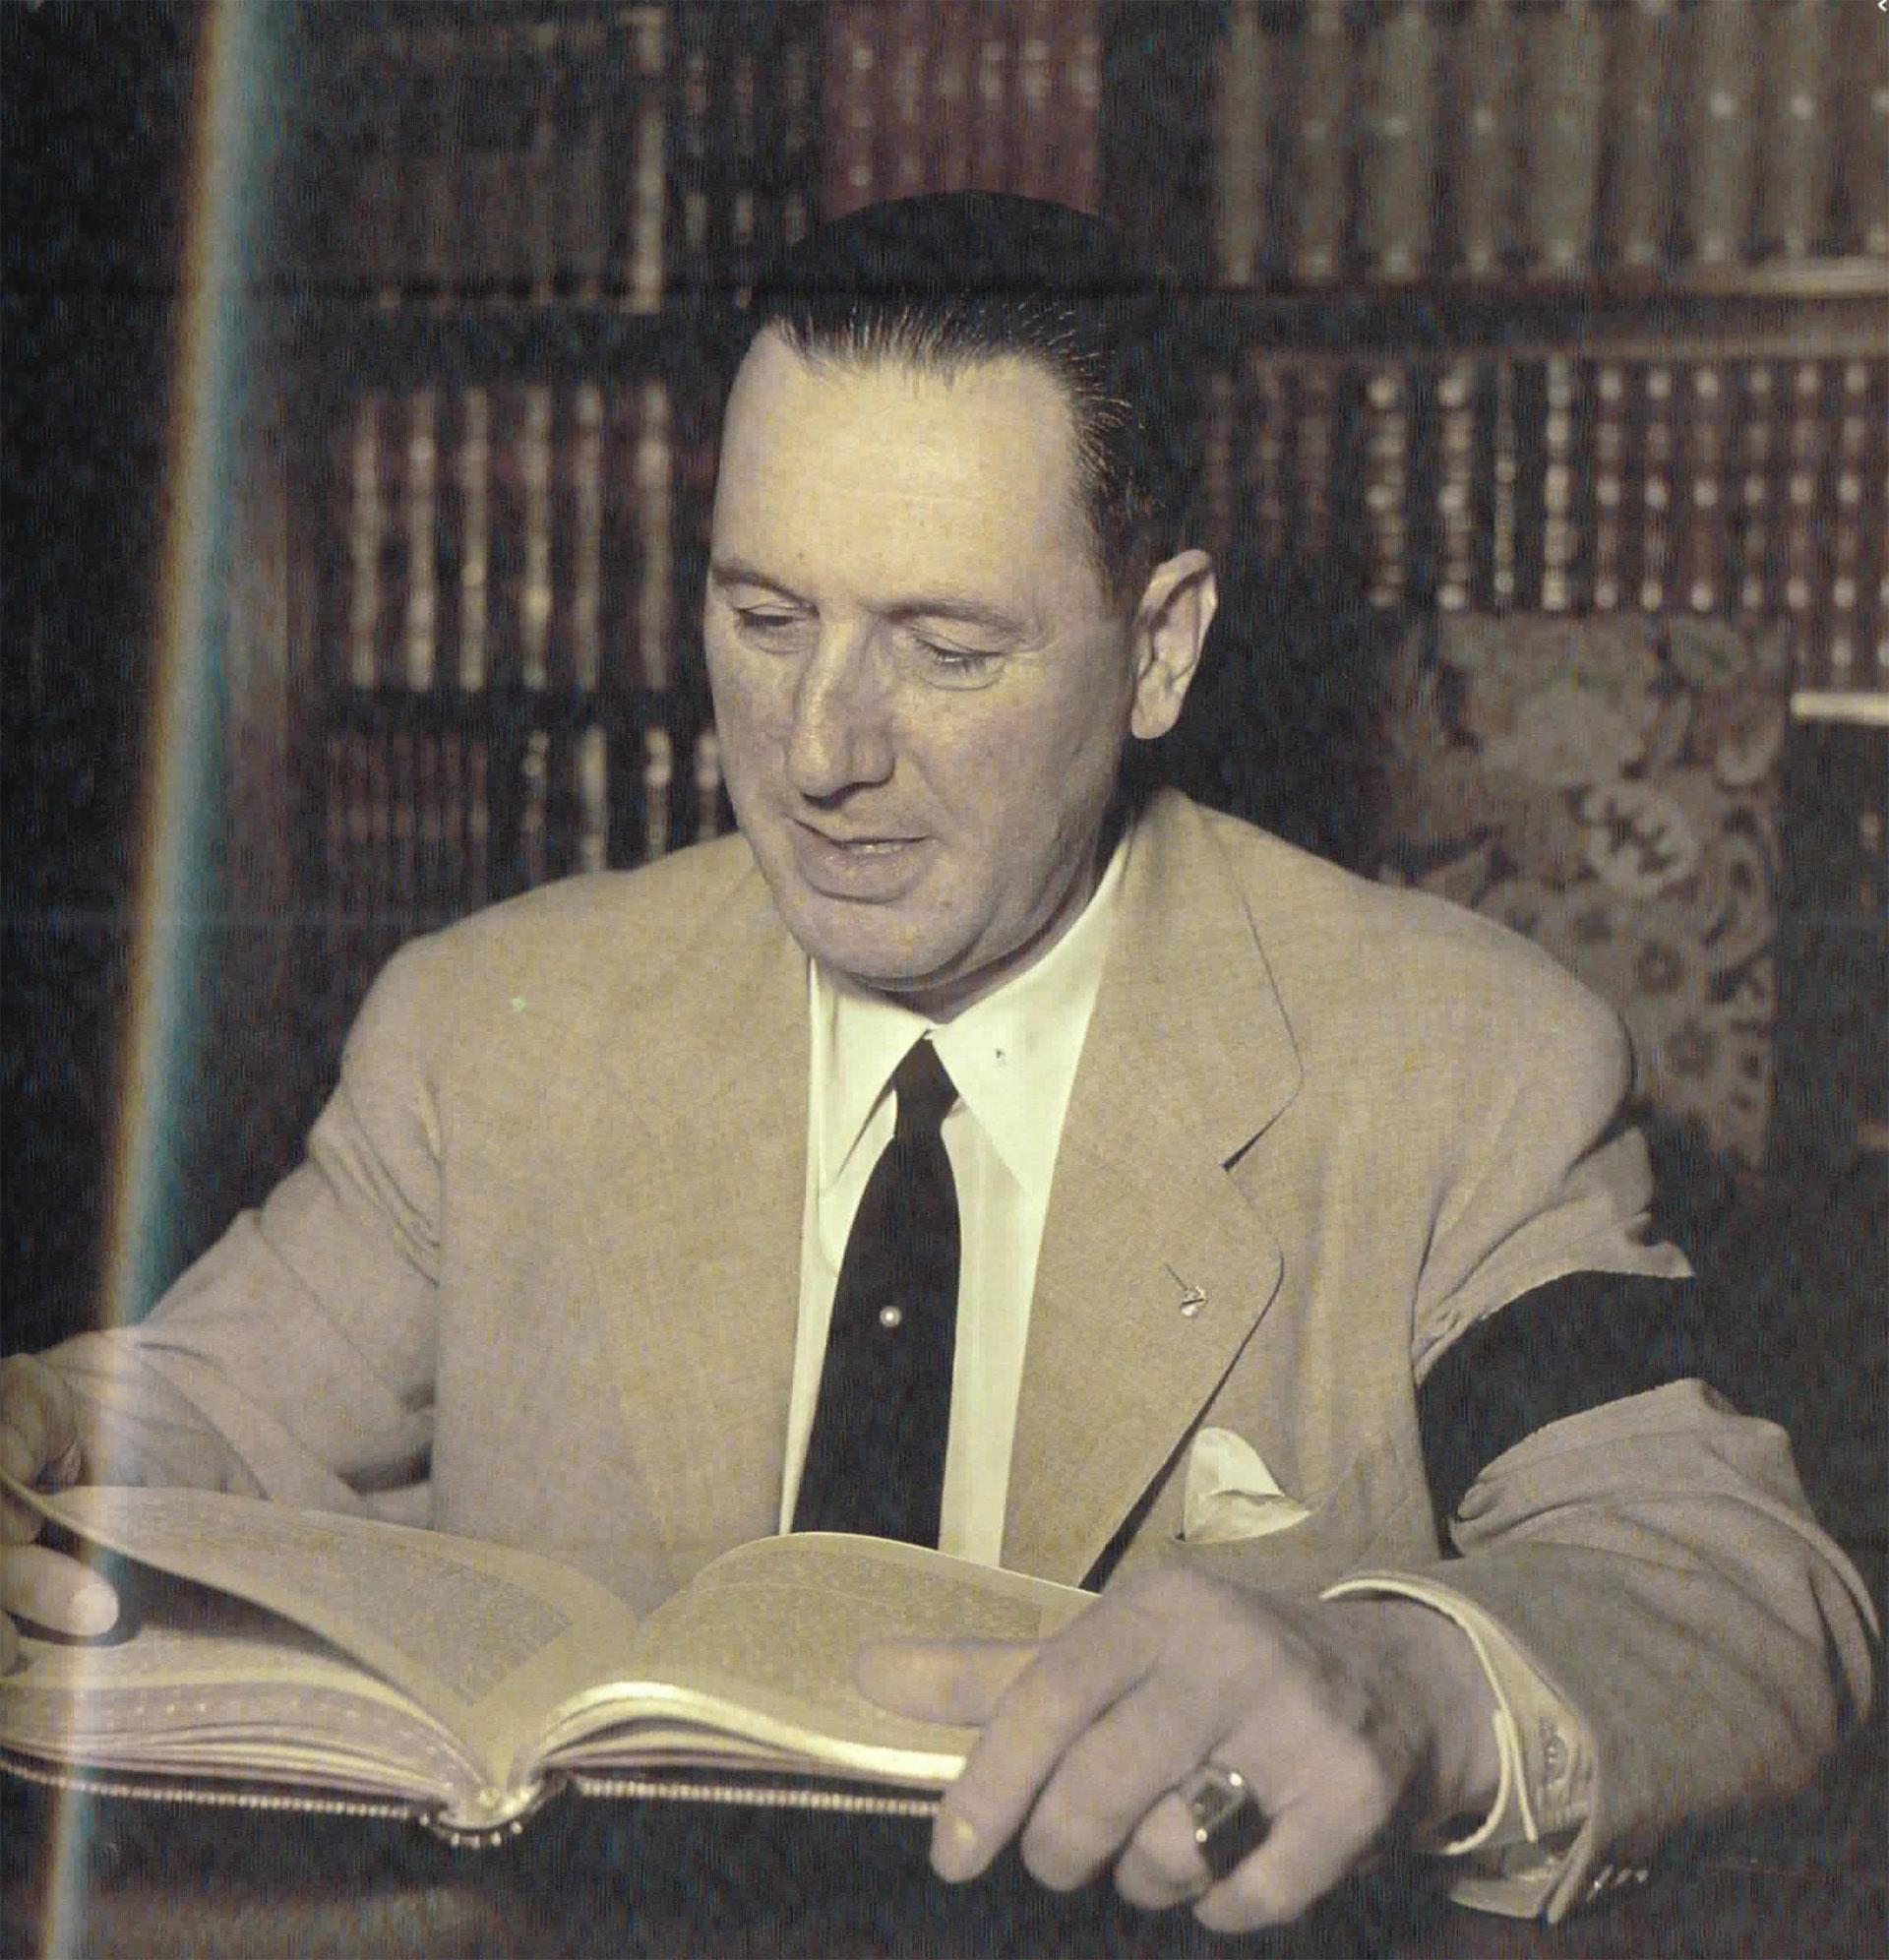 Otra imagen de Perón durante su duelo. Lleva un brazalete negro en la manga de su saco